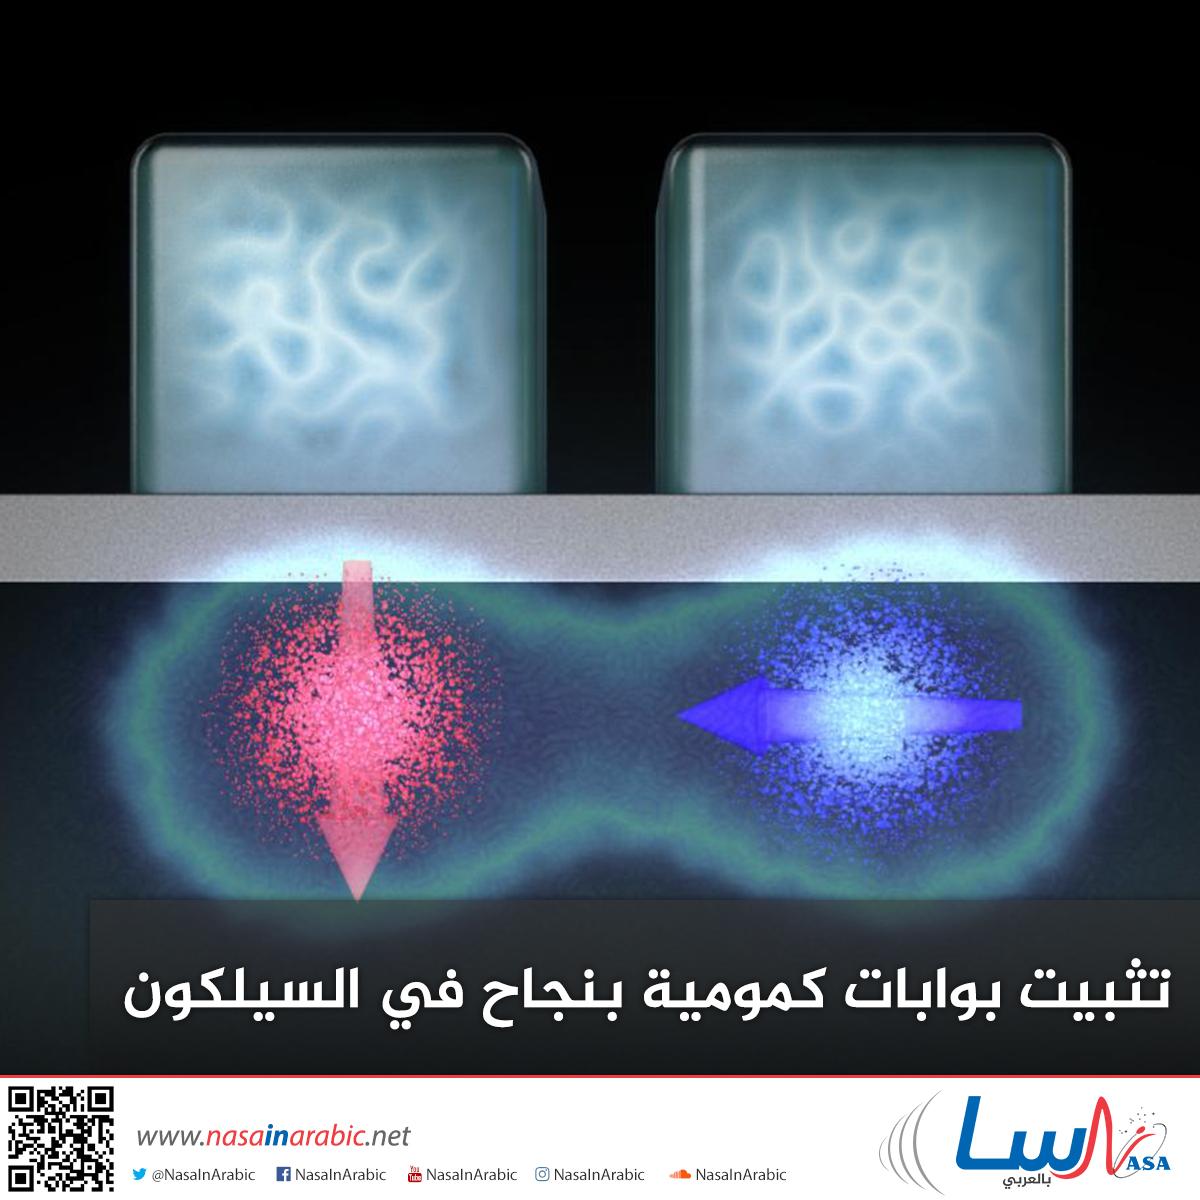 تثبيت بوابات كمومية بنجاح في السيليكون